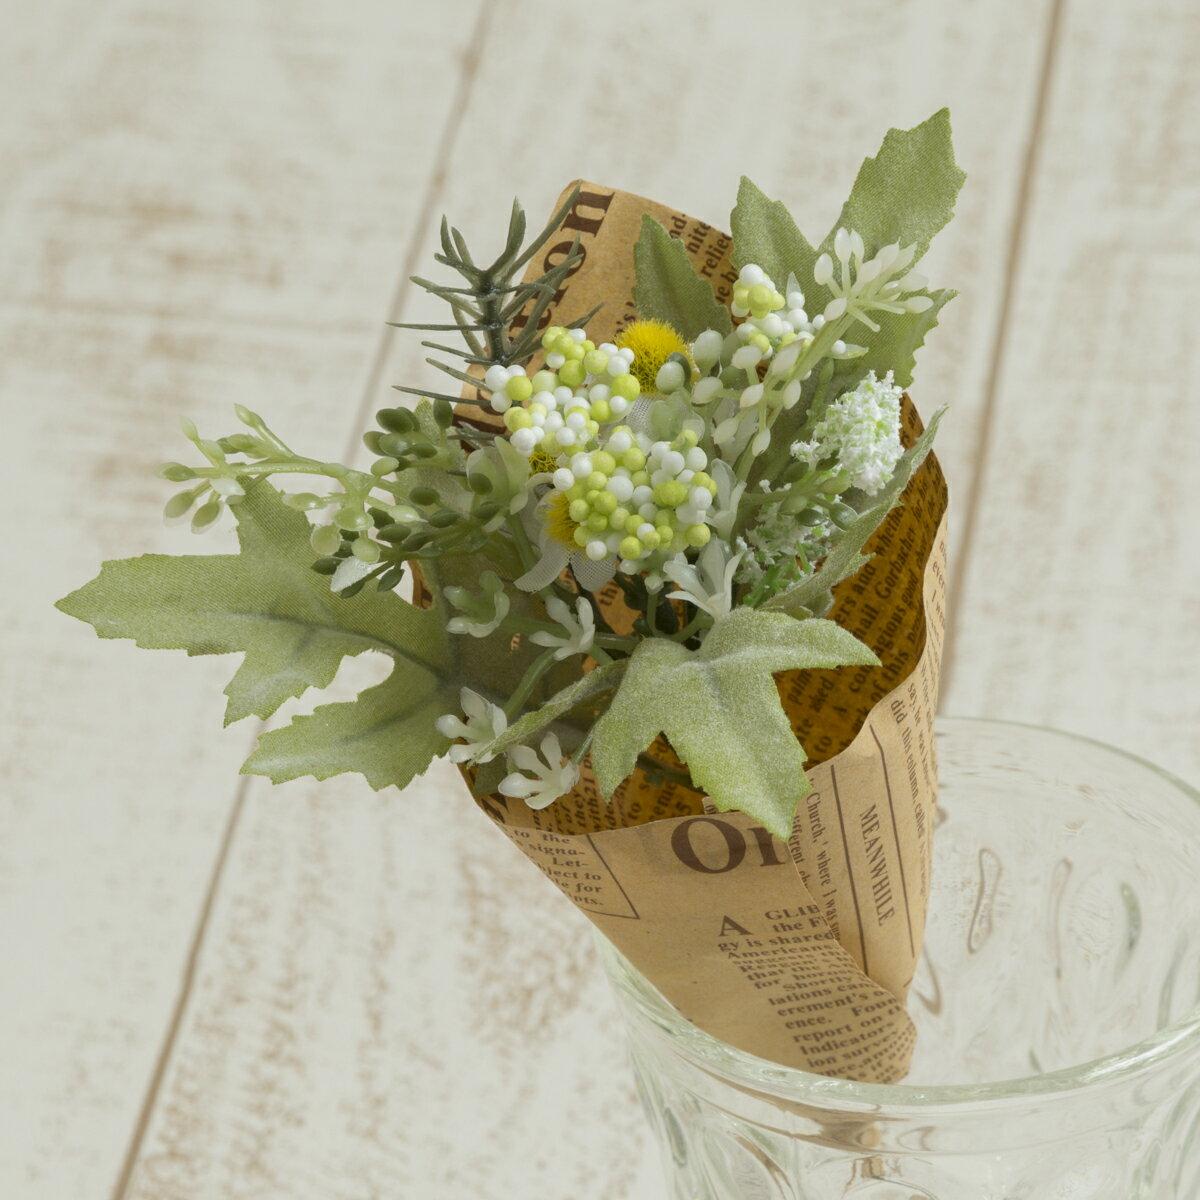 大特価 即日 【造花】YDM/フィンガーカモミールブーケ ホワイト/FBC8040-W《 造花(アーティフィシャルフラワー) 造花葉物、フェイクグリーン ハーブ 》